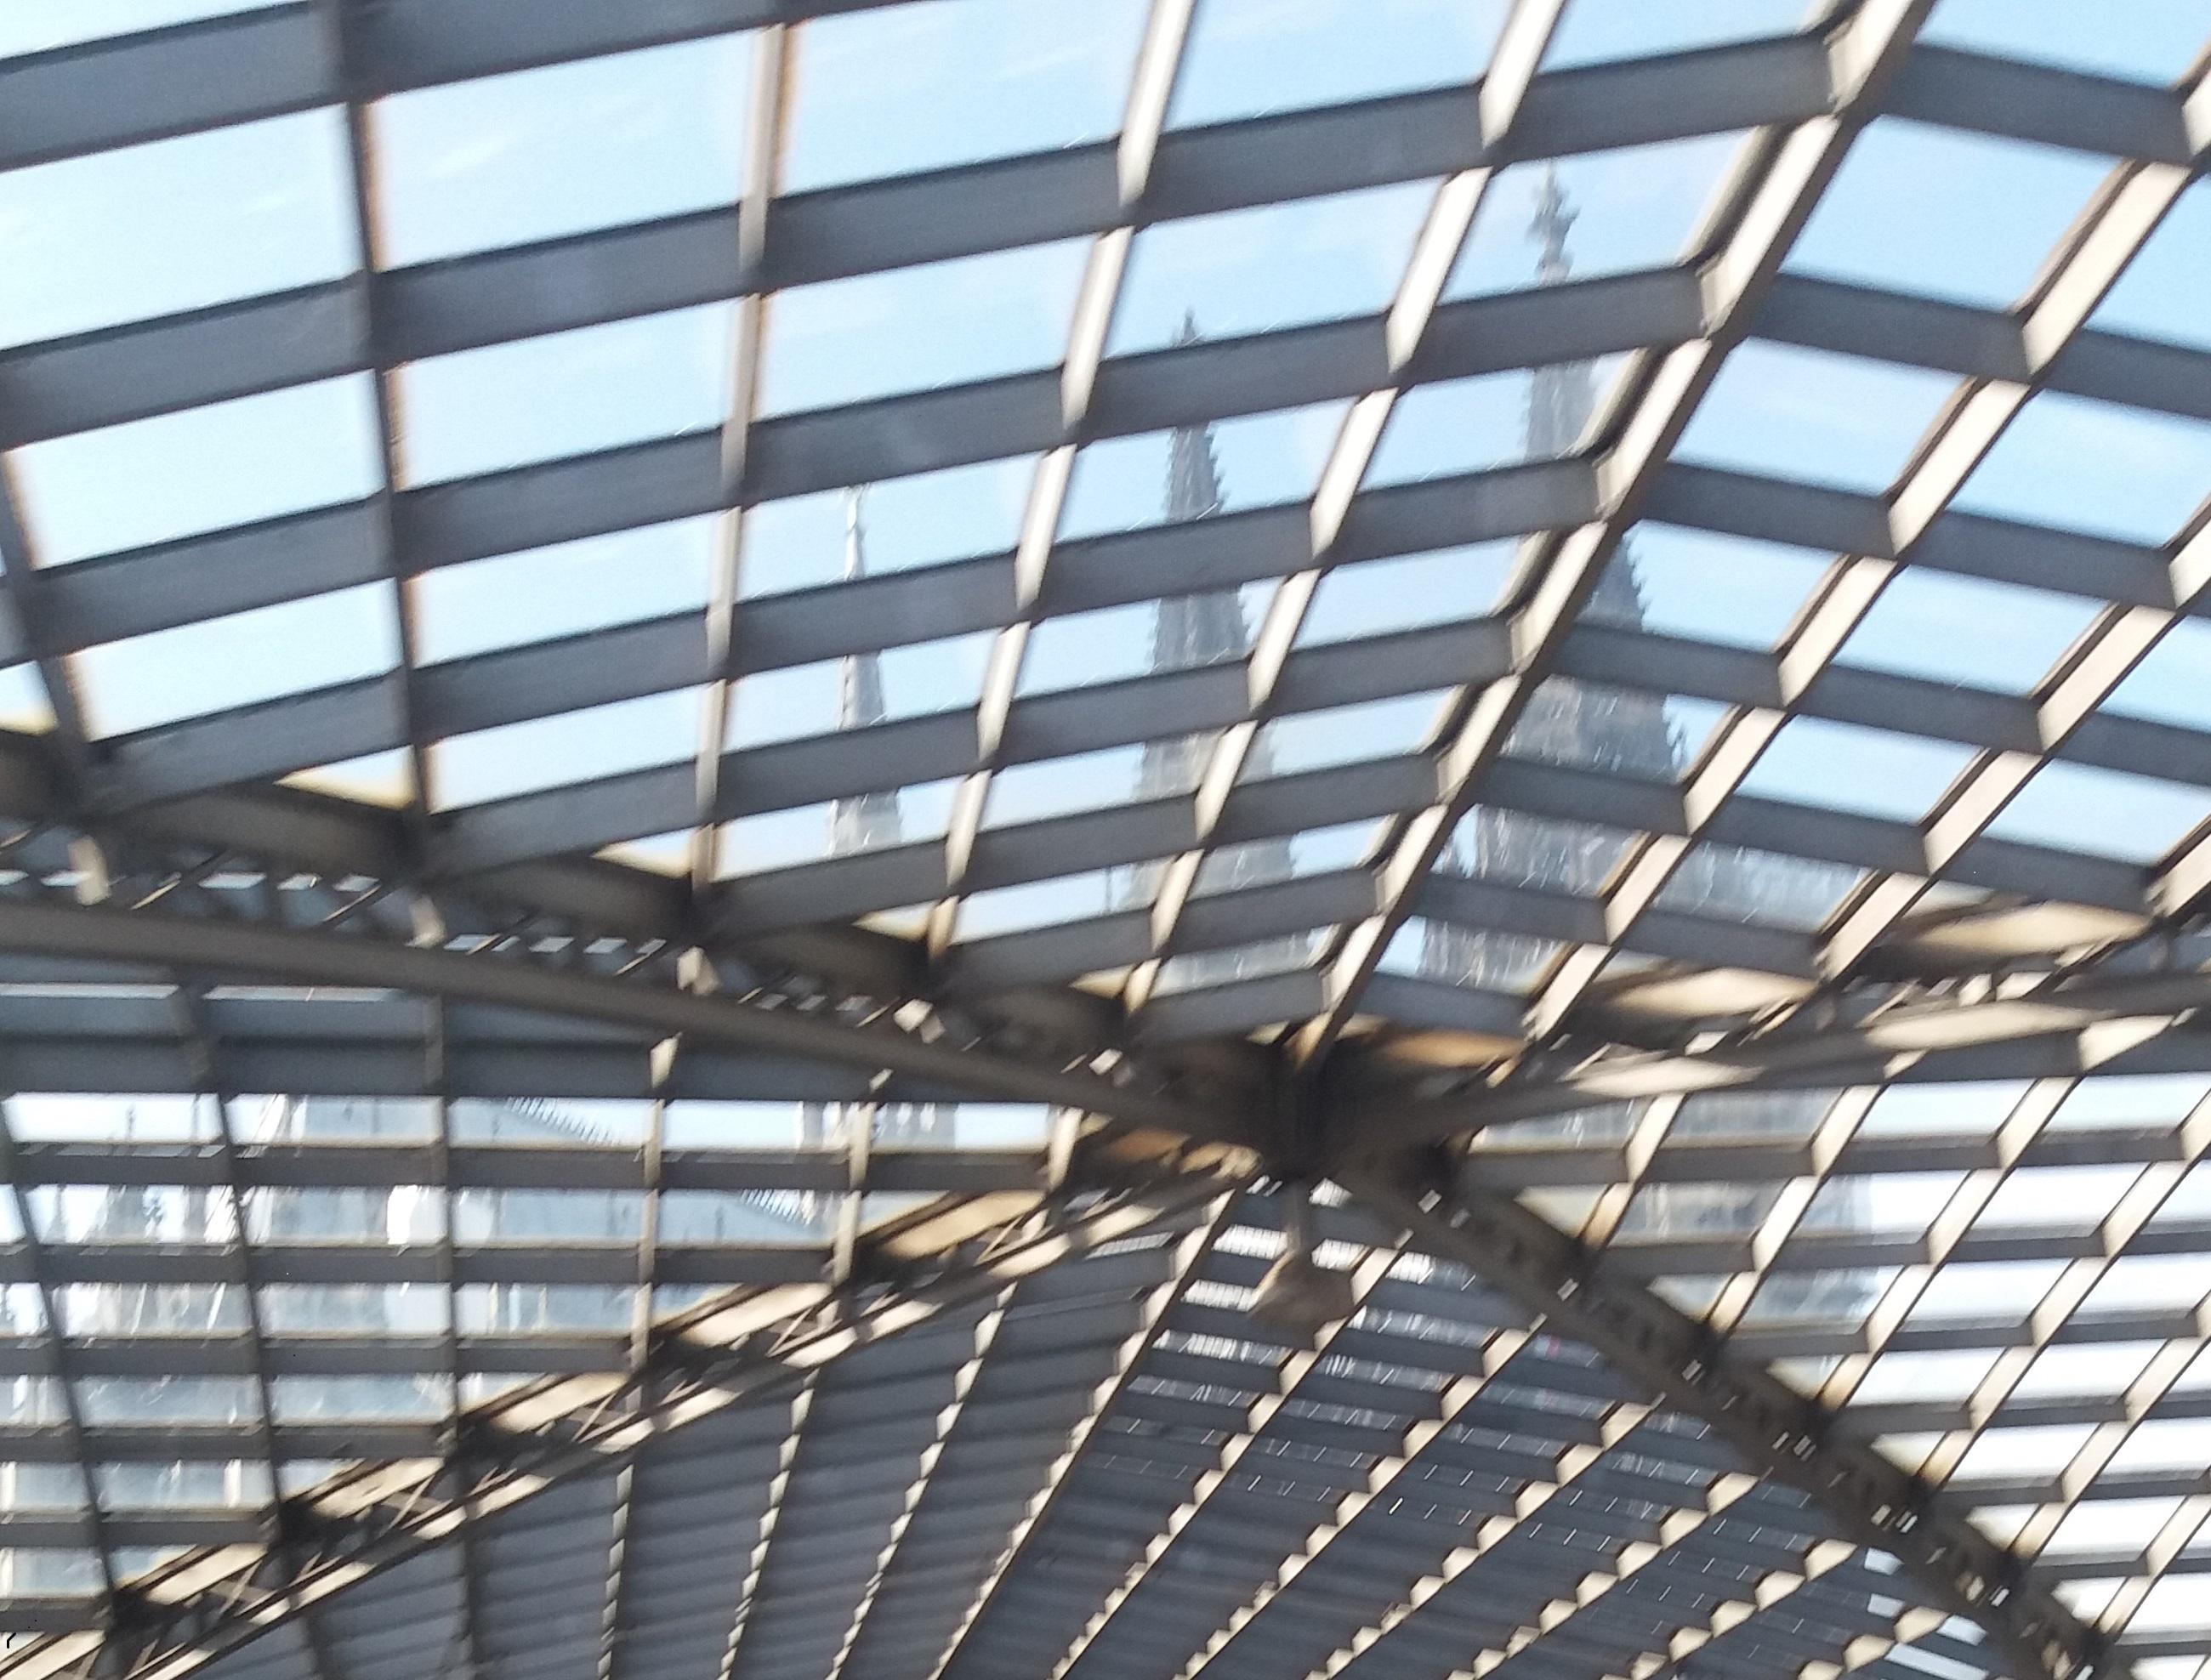 Netz aus Stahl und Glas